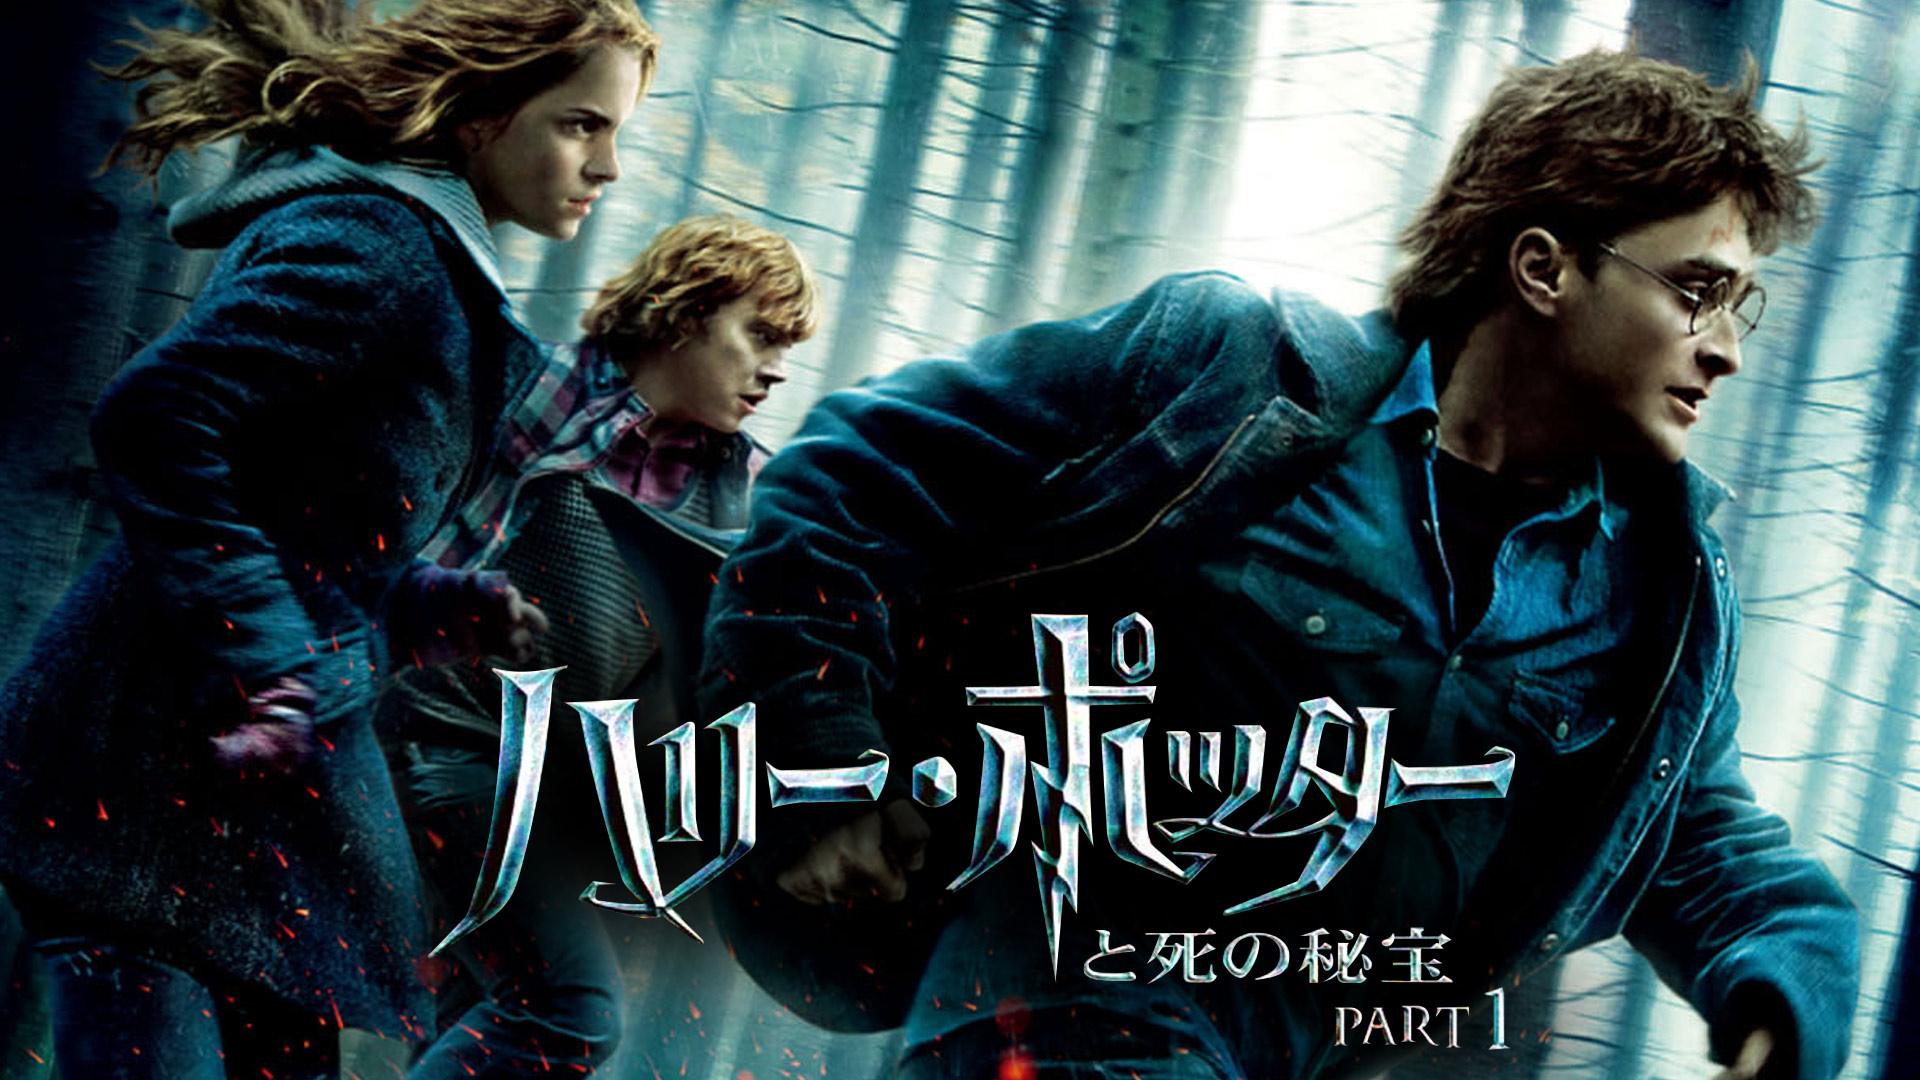 ハリー・ポッターと死の秘宝 PART 1 (字幕版)